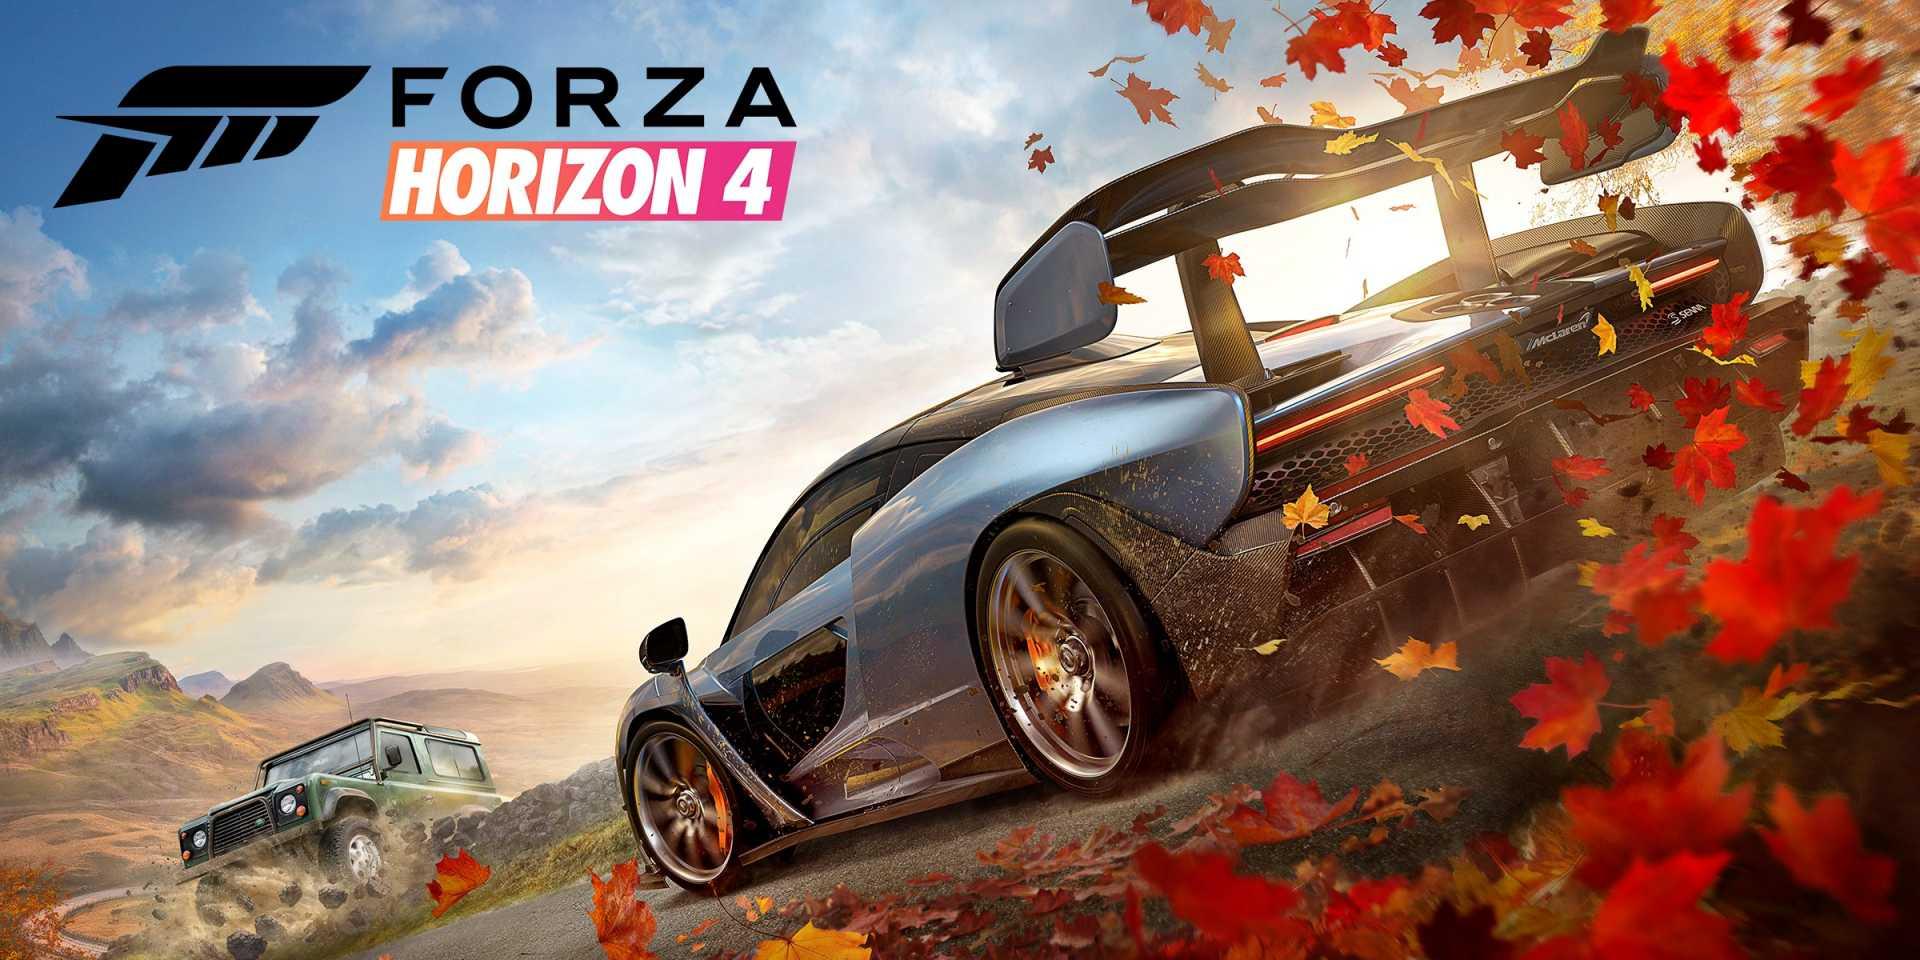 Forza Horizon 4 920221 1